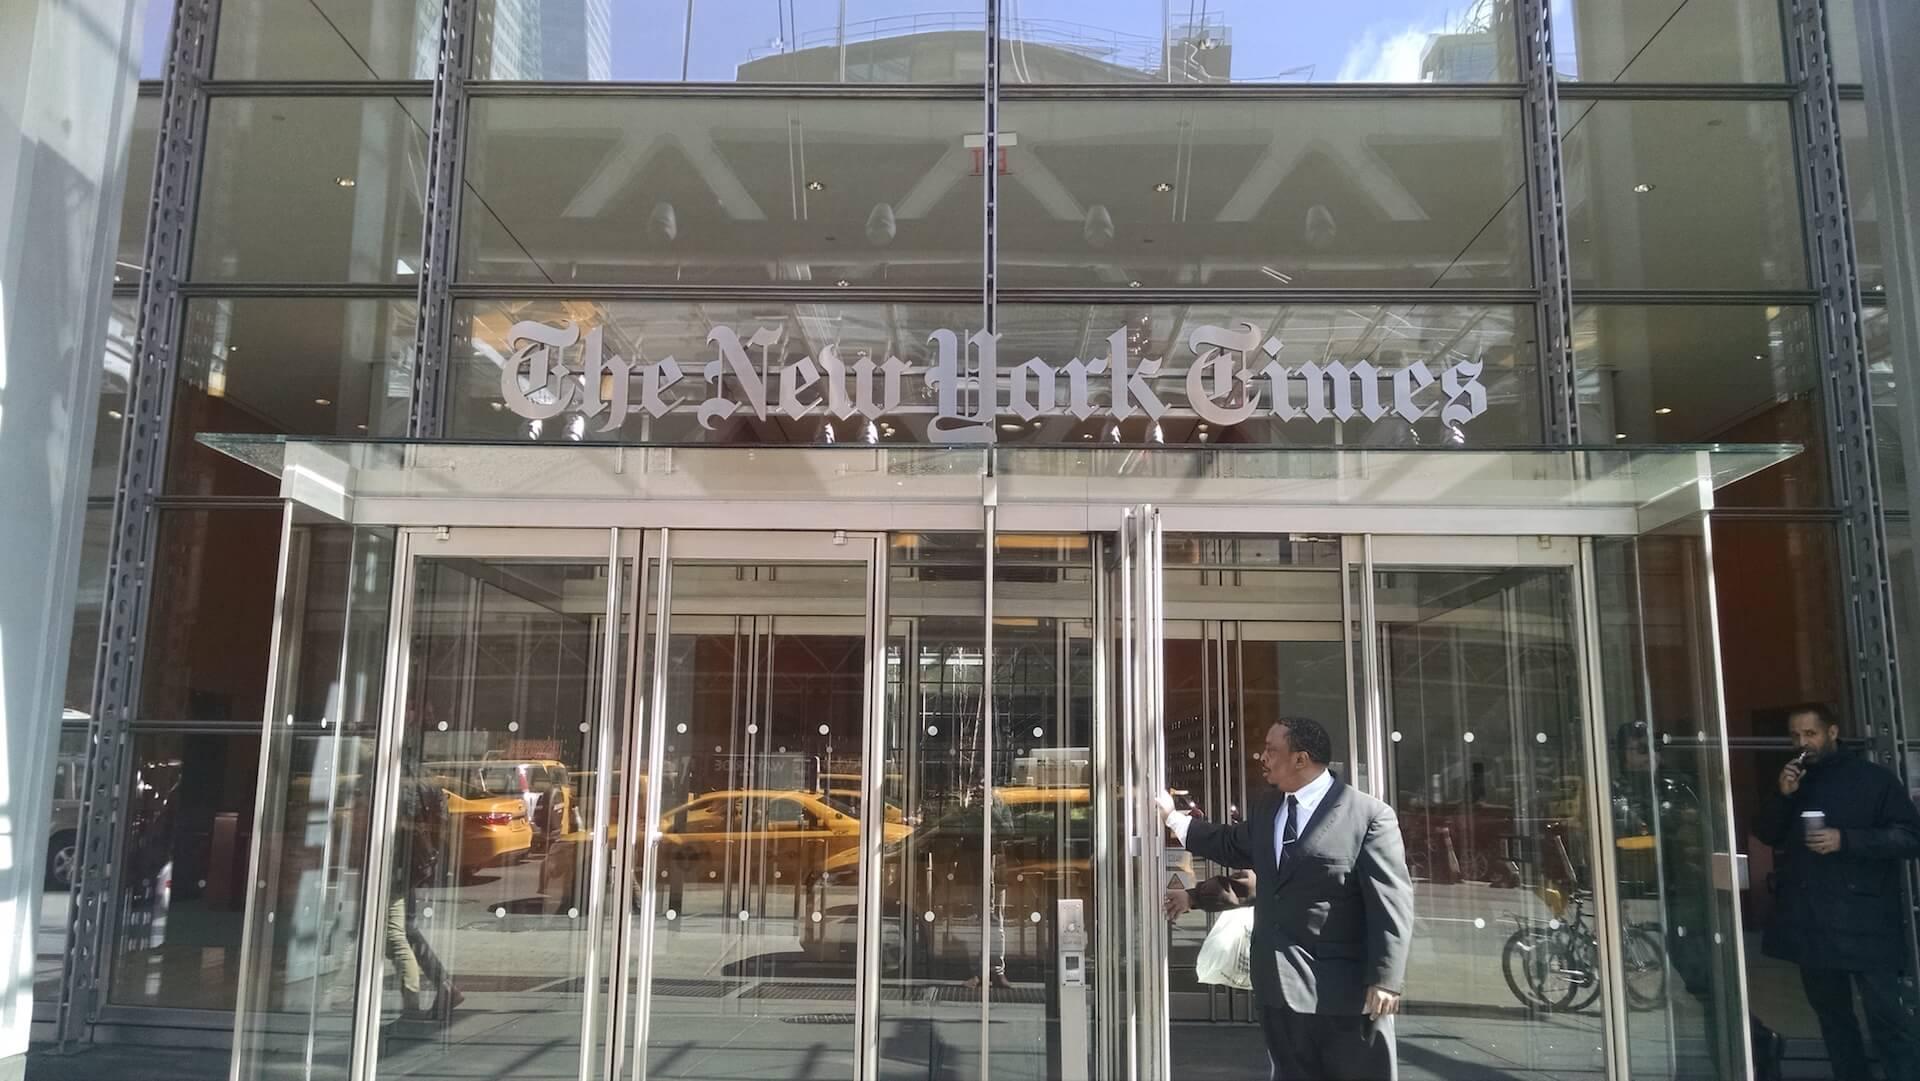 New York Times 2020: Tagli, Ma Anche Visione Strategica